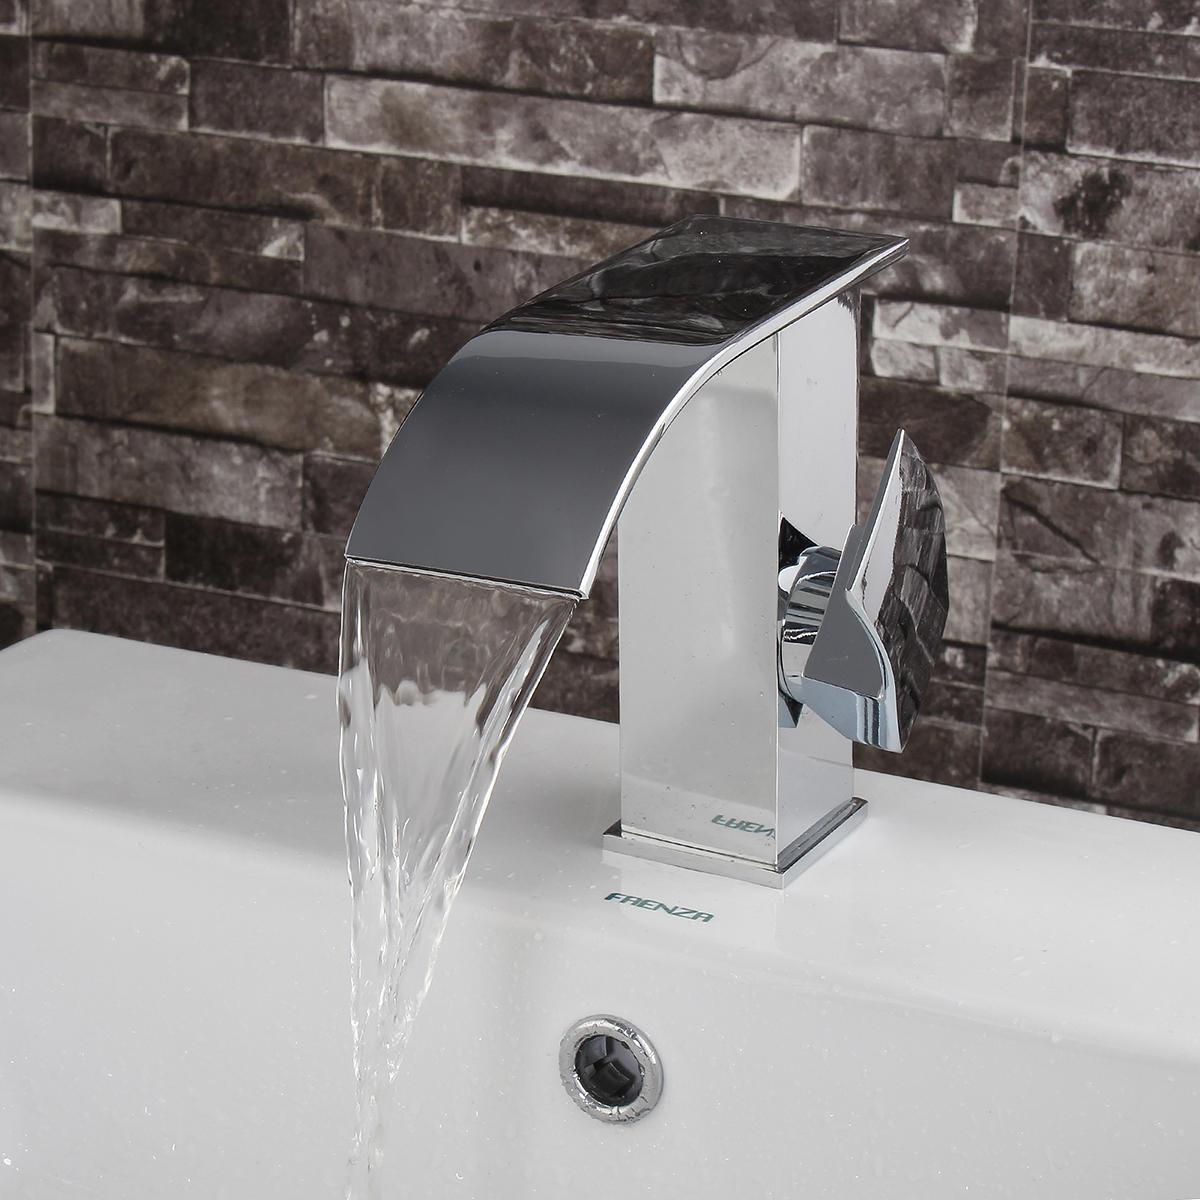 Гибкие площади Латунь хром WaterfallKitchen Однорычажный смеситель смеситель раковина смеситель fresso sh377